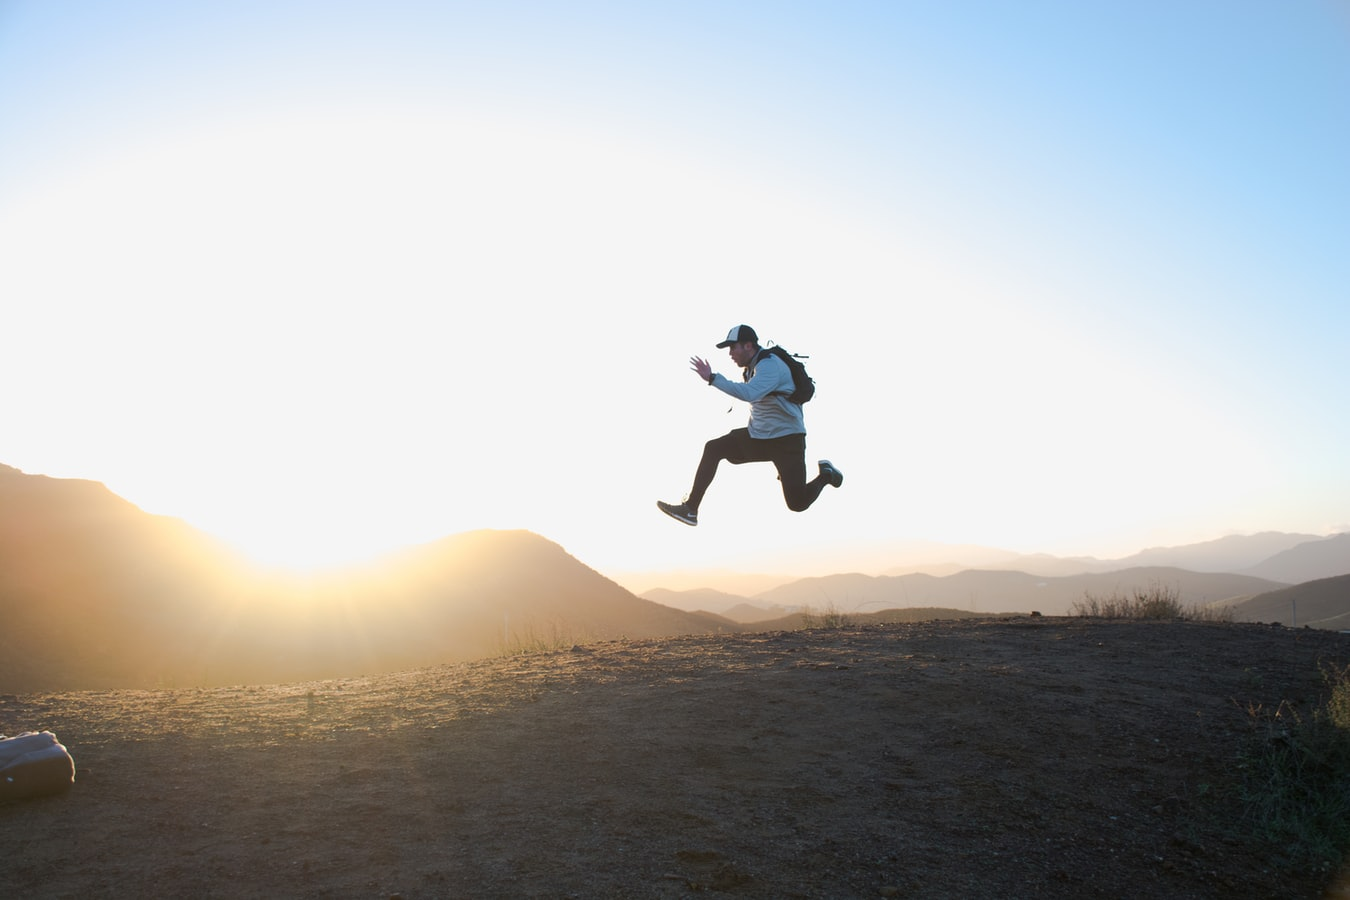 koşu, doğa koşusu, spor, yürüyüş, zıplama